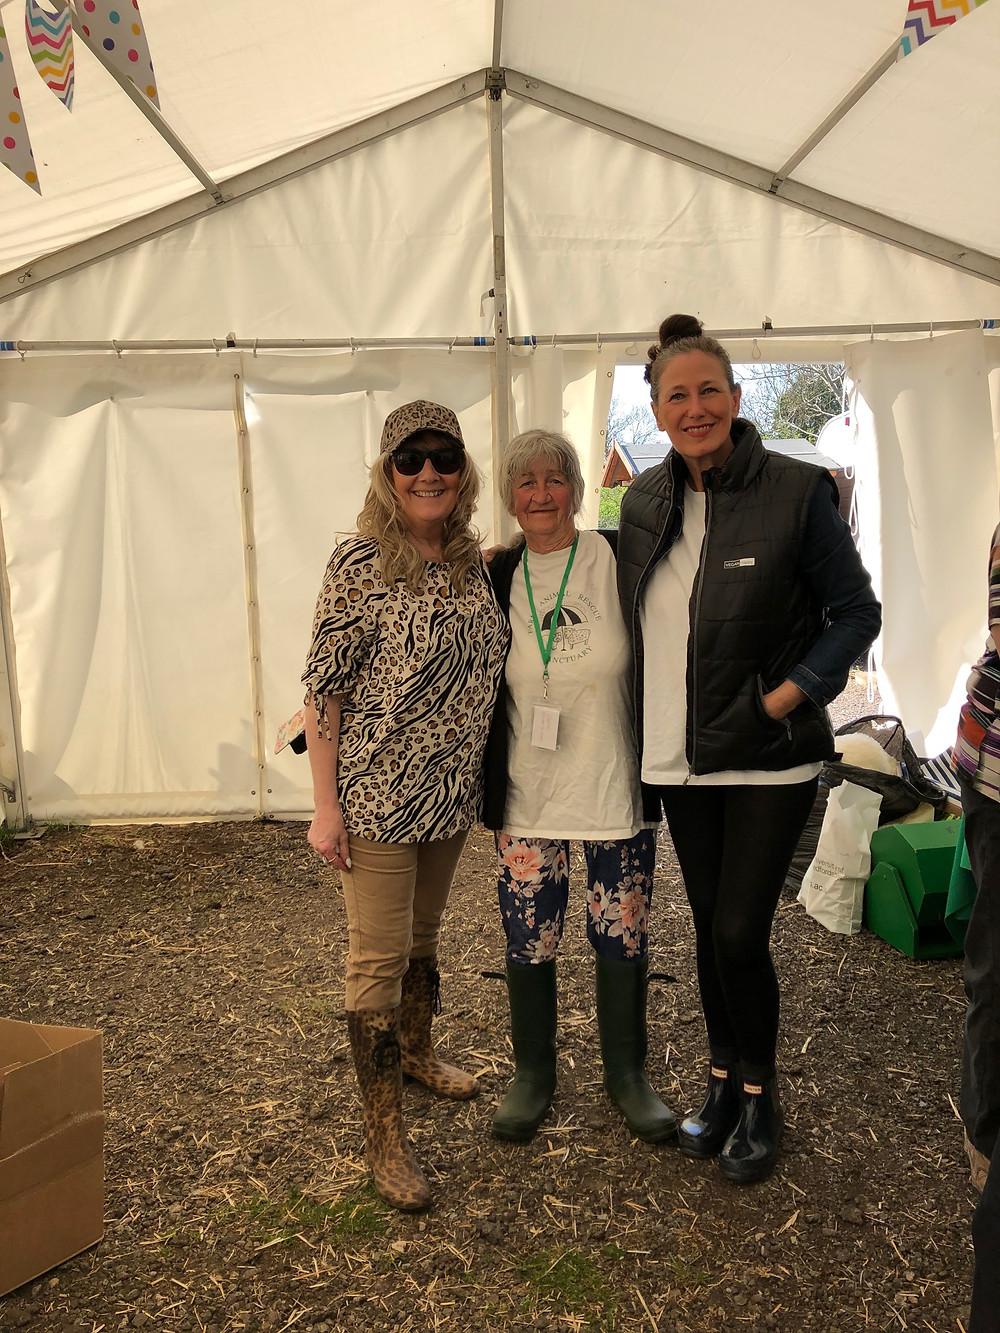 Sharon Bull, Carole Webb, Lorri Delahunty, FARS, Easter Open Day 2019